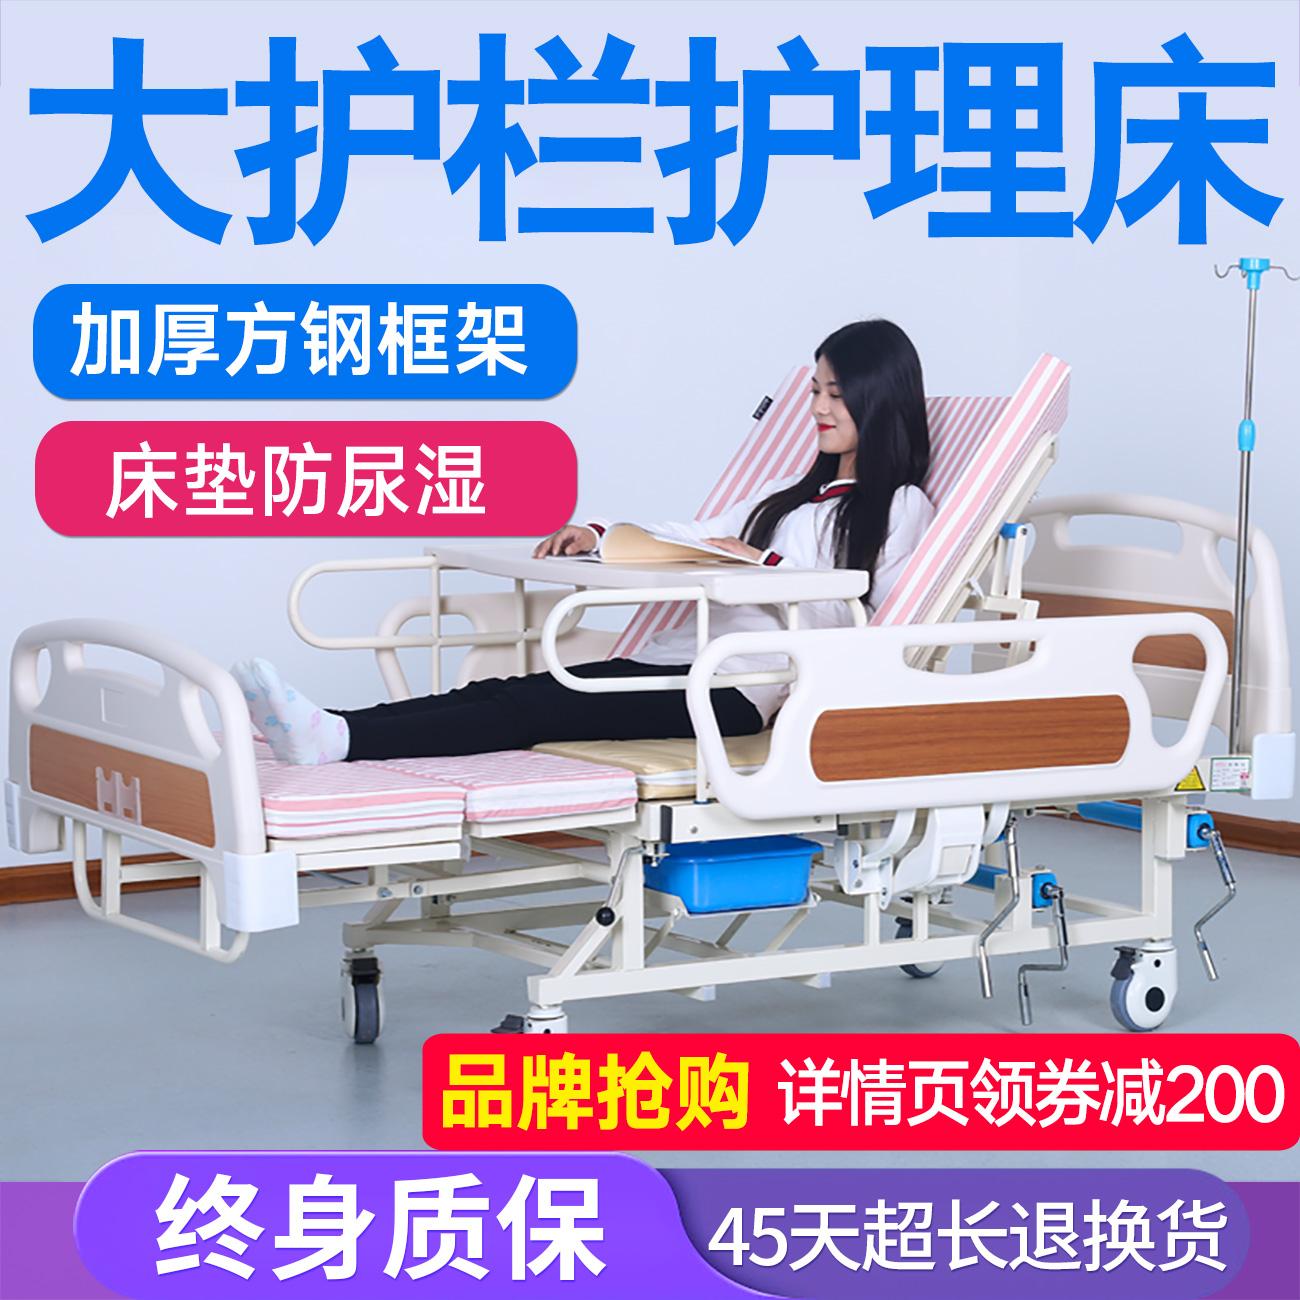 永辉护理床亚博体育ios官方下载多功能医护老人带便孔瘫痪病人医疗手动医用病床